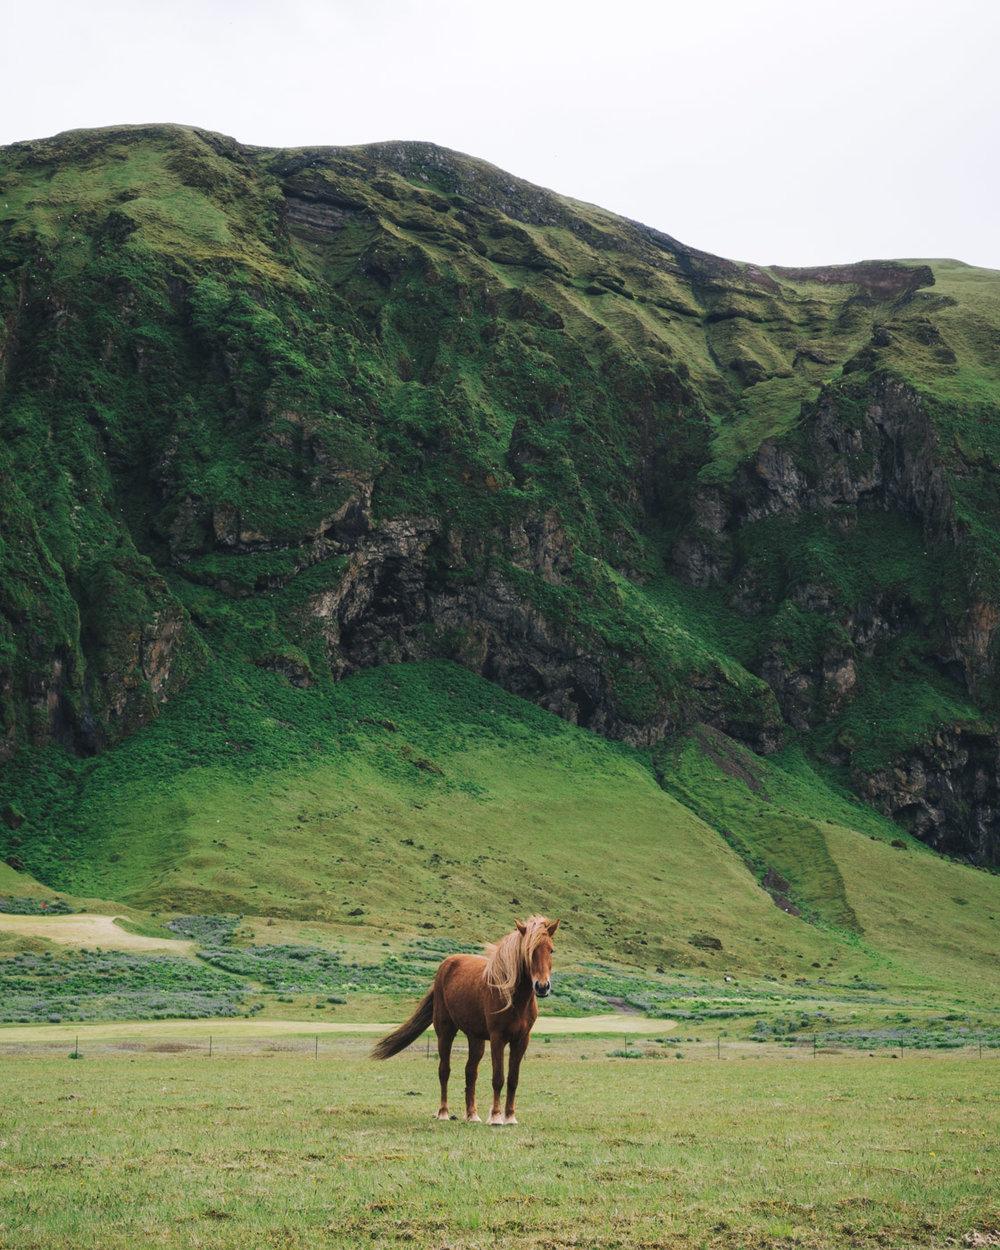 Iceland-Horse-Landscape-Vik.jpg